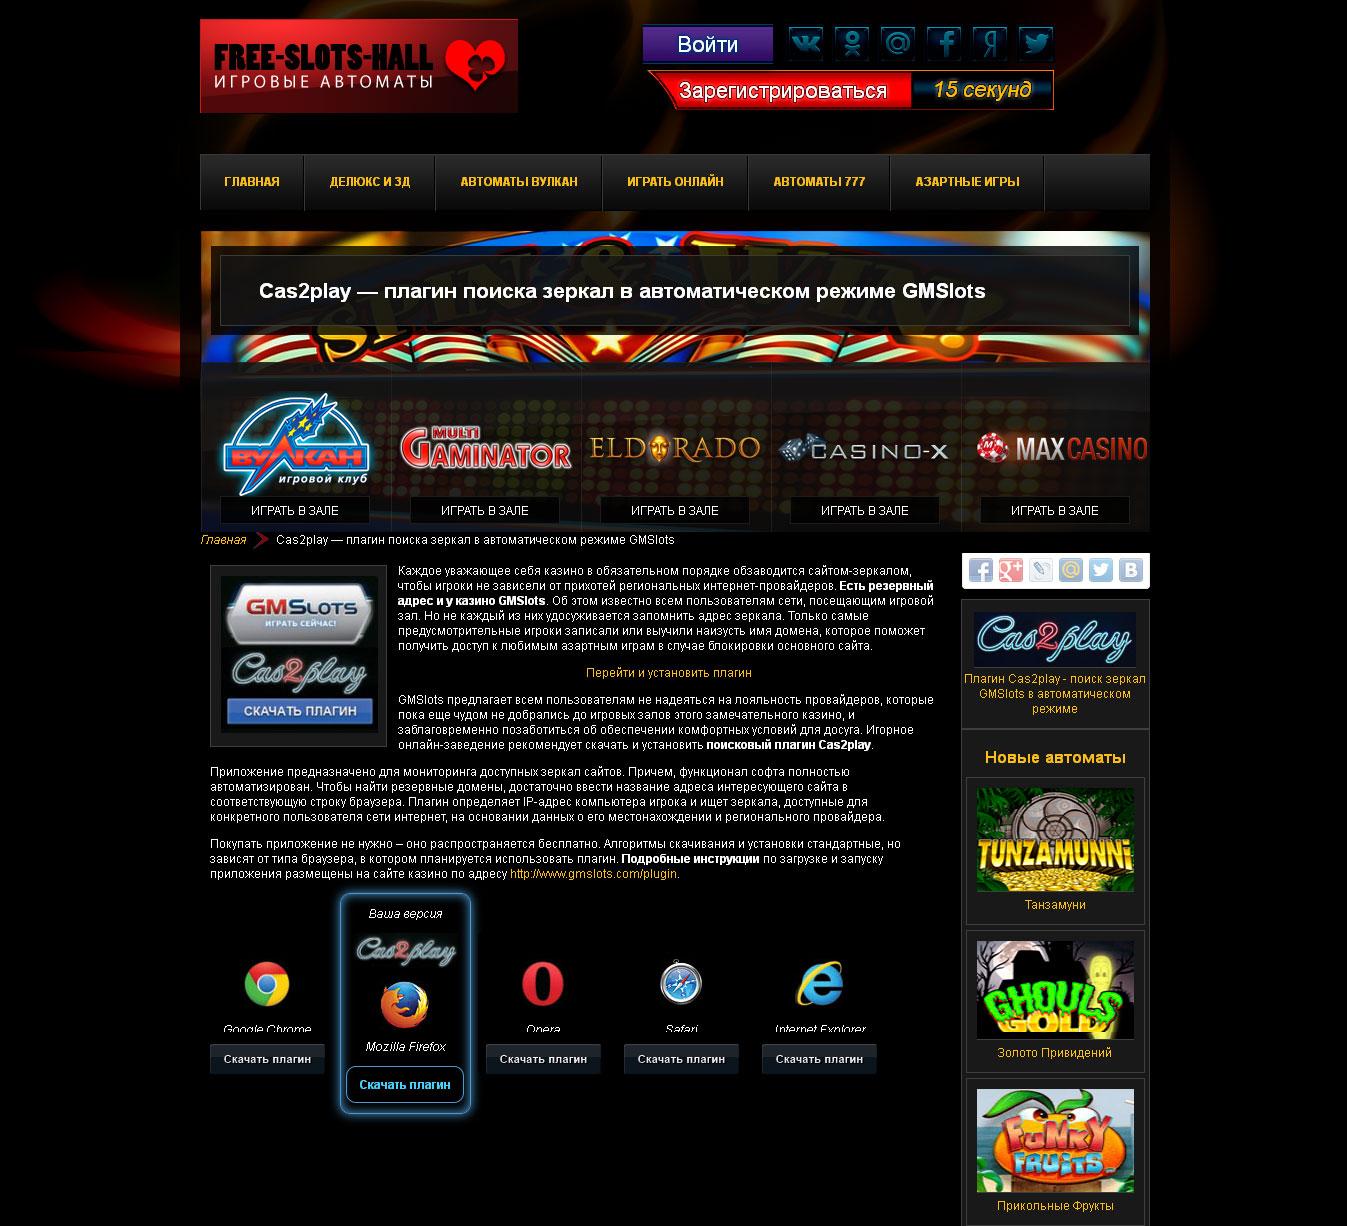 игровые автоматы онлайн прямо сейчас